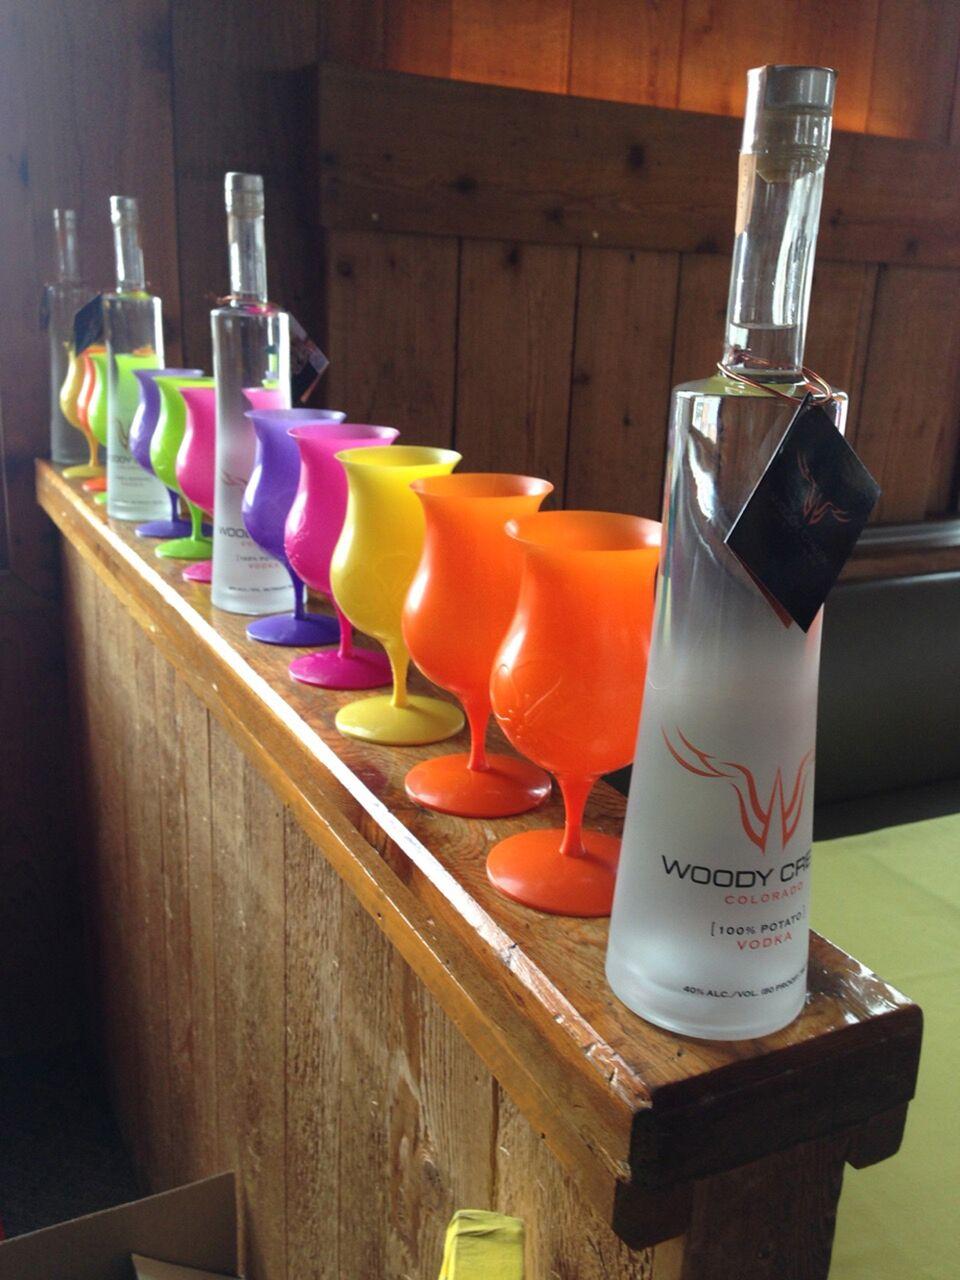 Woody Creek Vodka Display